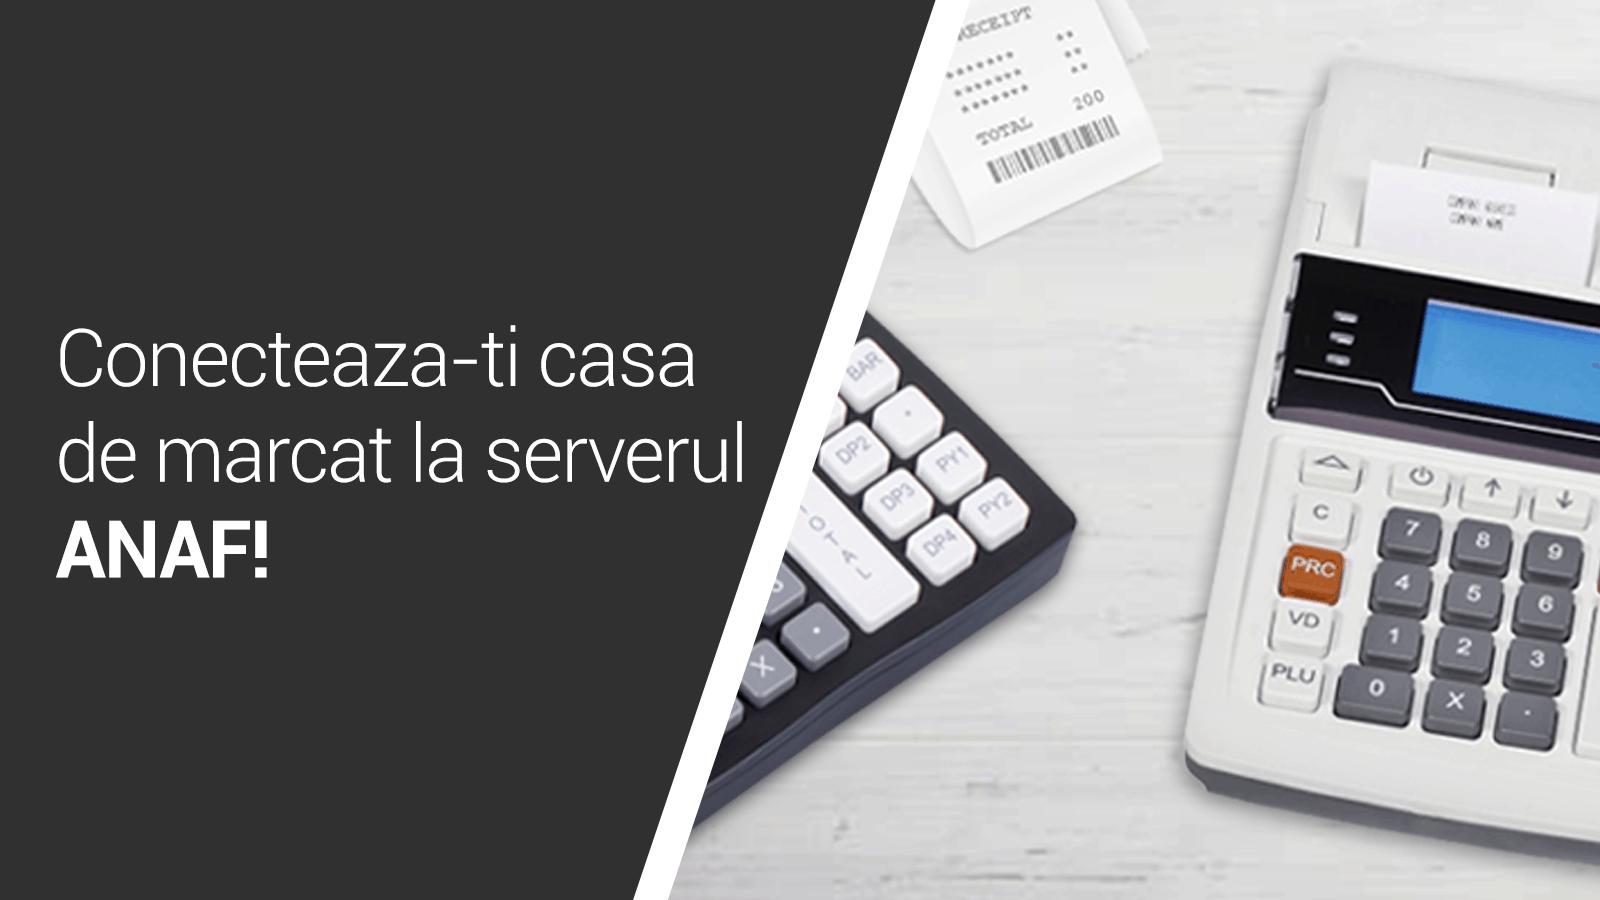 Casele de marcat fiscale se pot conecta la serverele ANAF